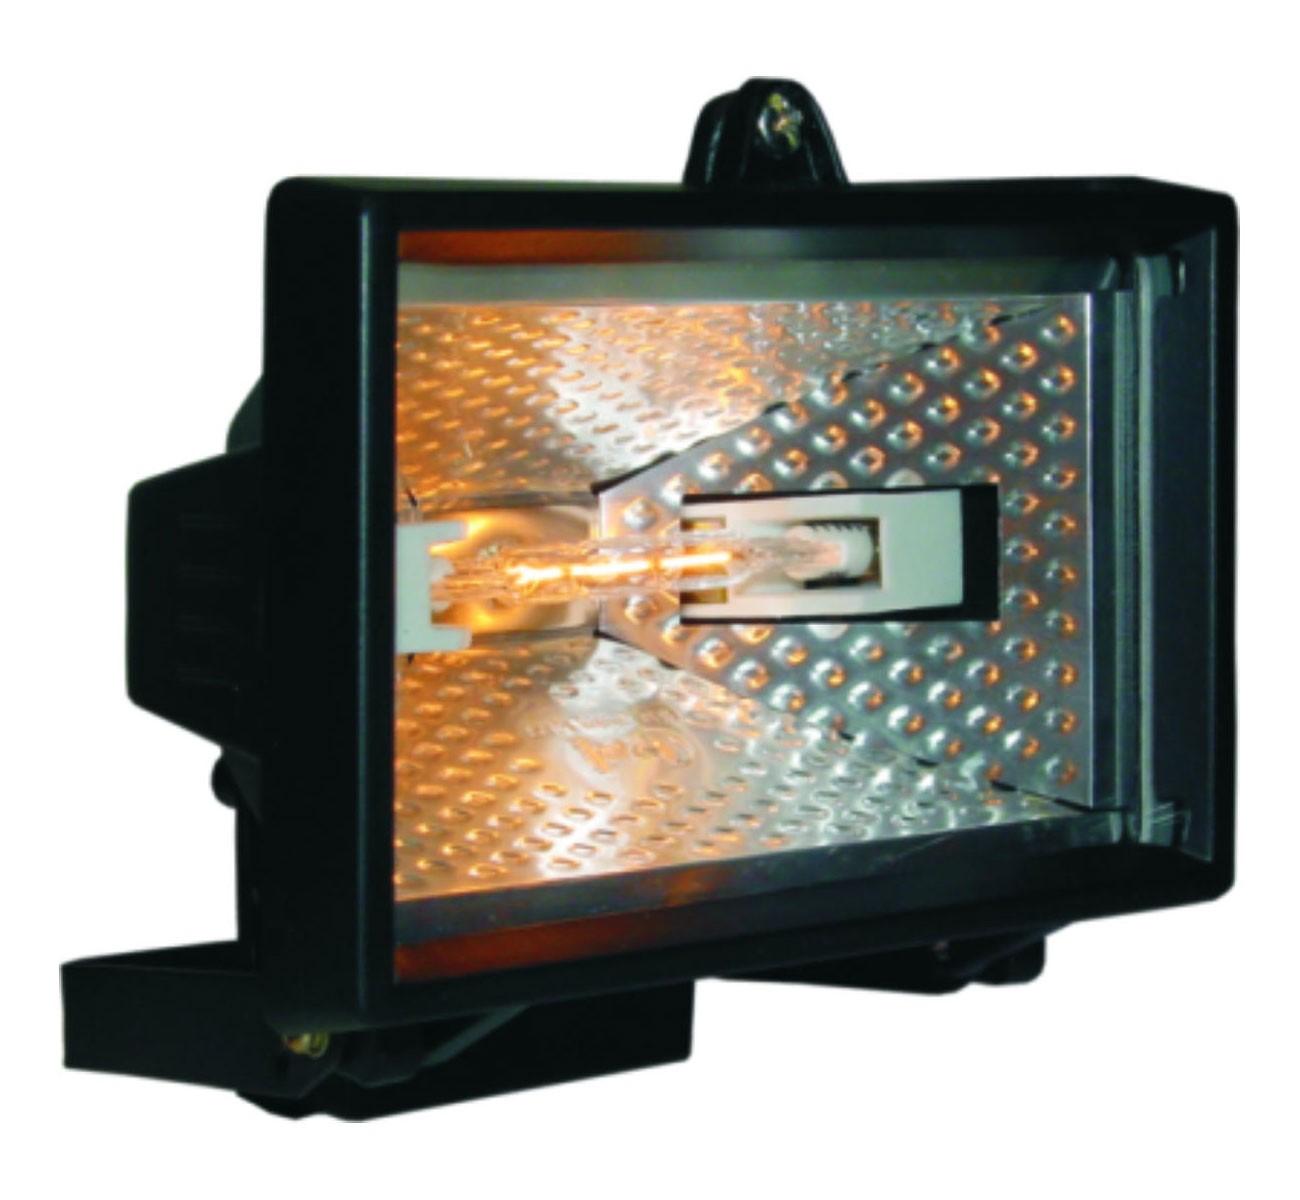 Halogenstrahler / Baustrahler Smartwares IP44 schwarz 120 Watt Bild 1